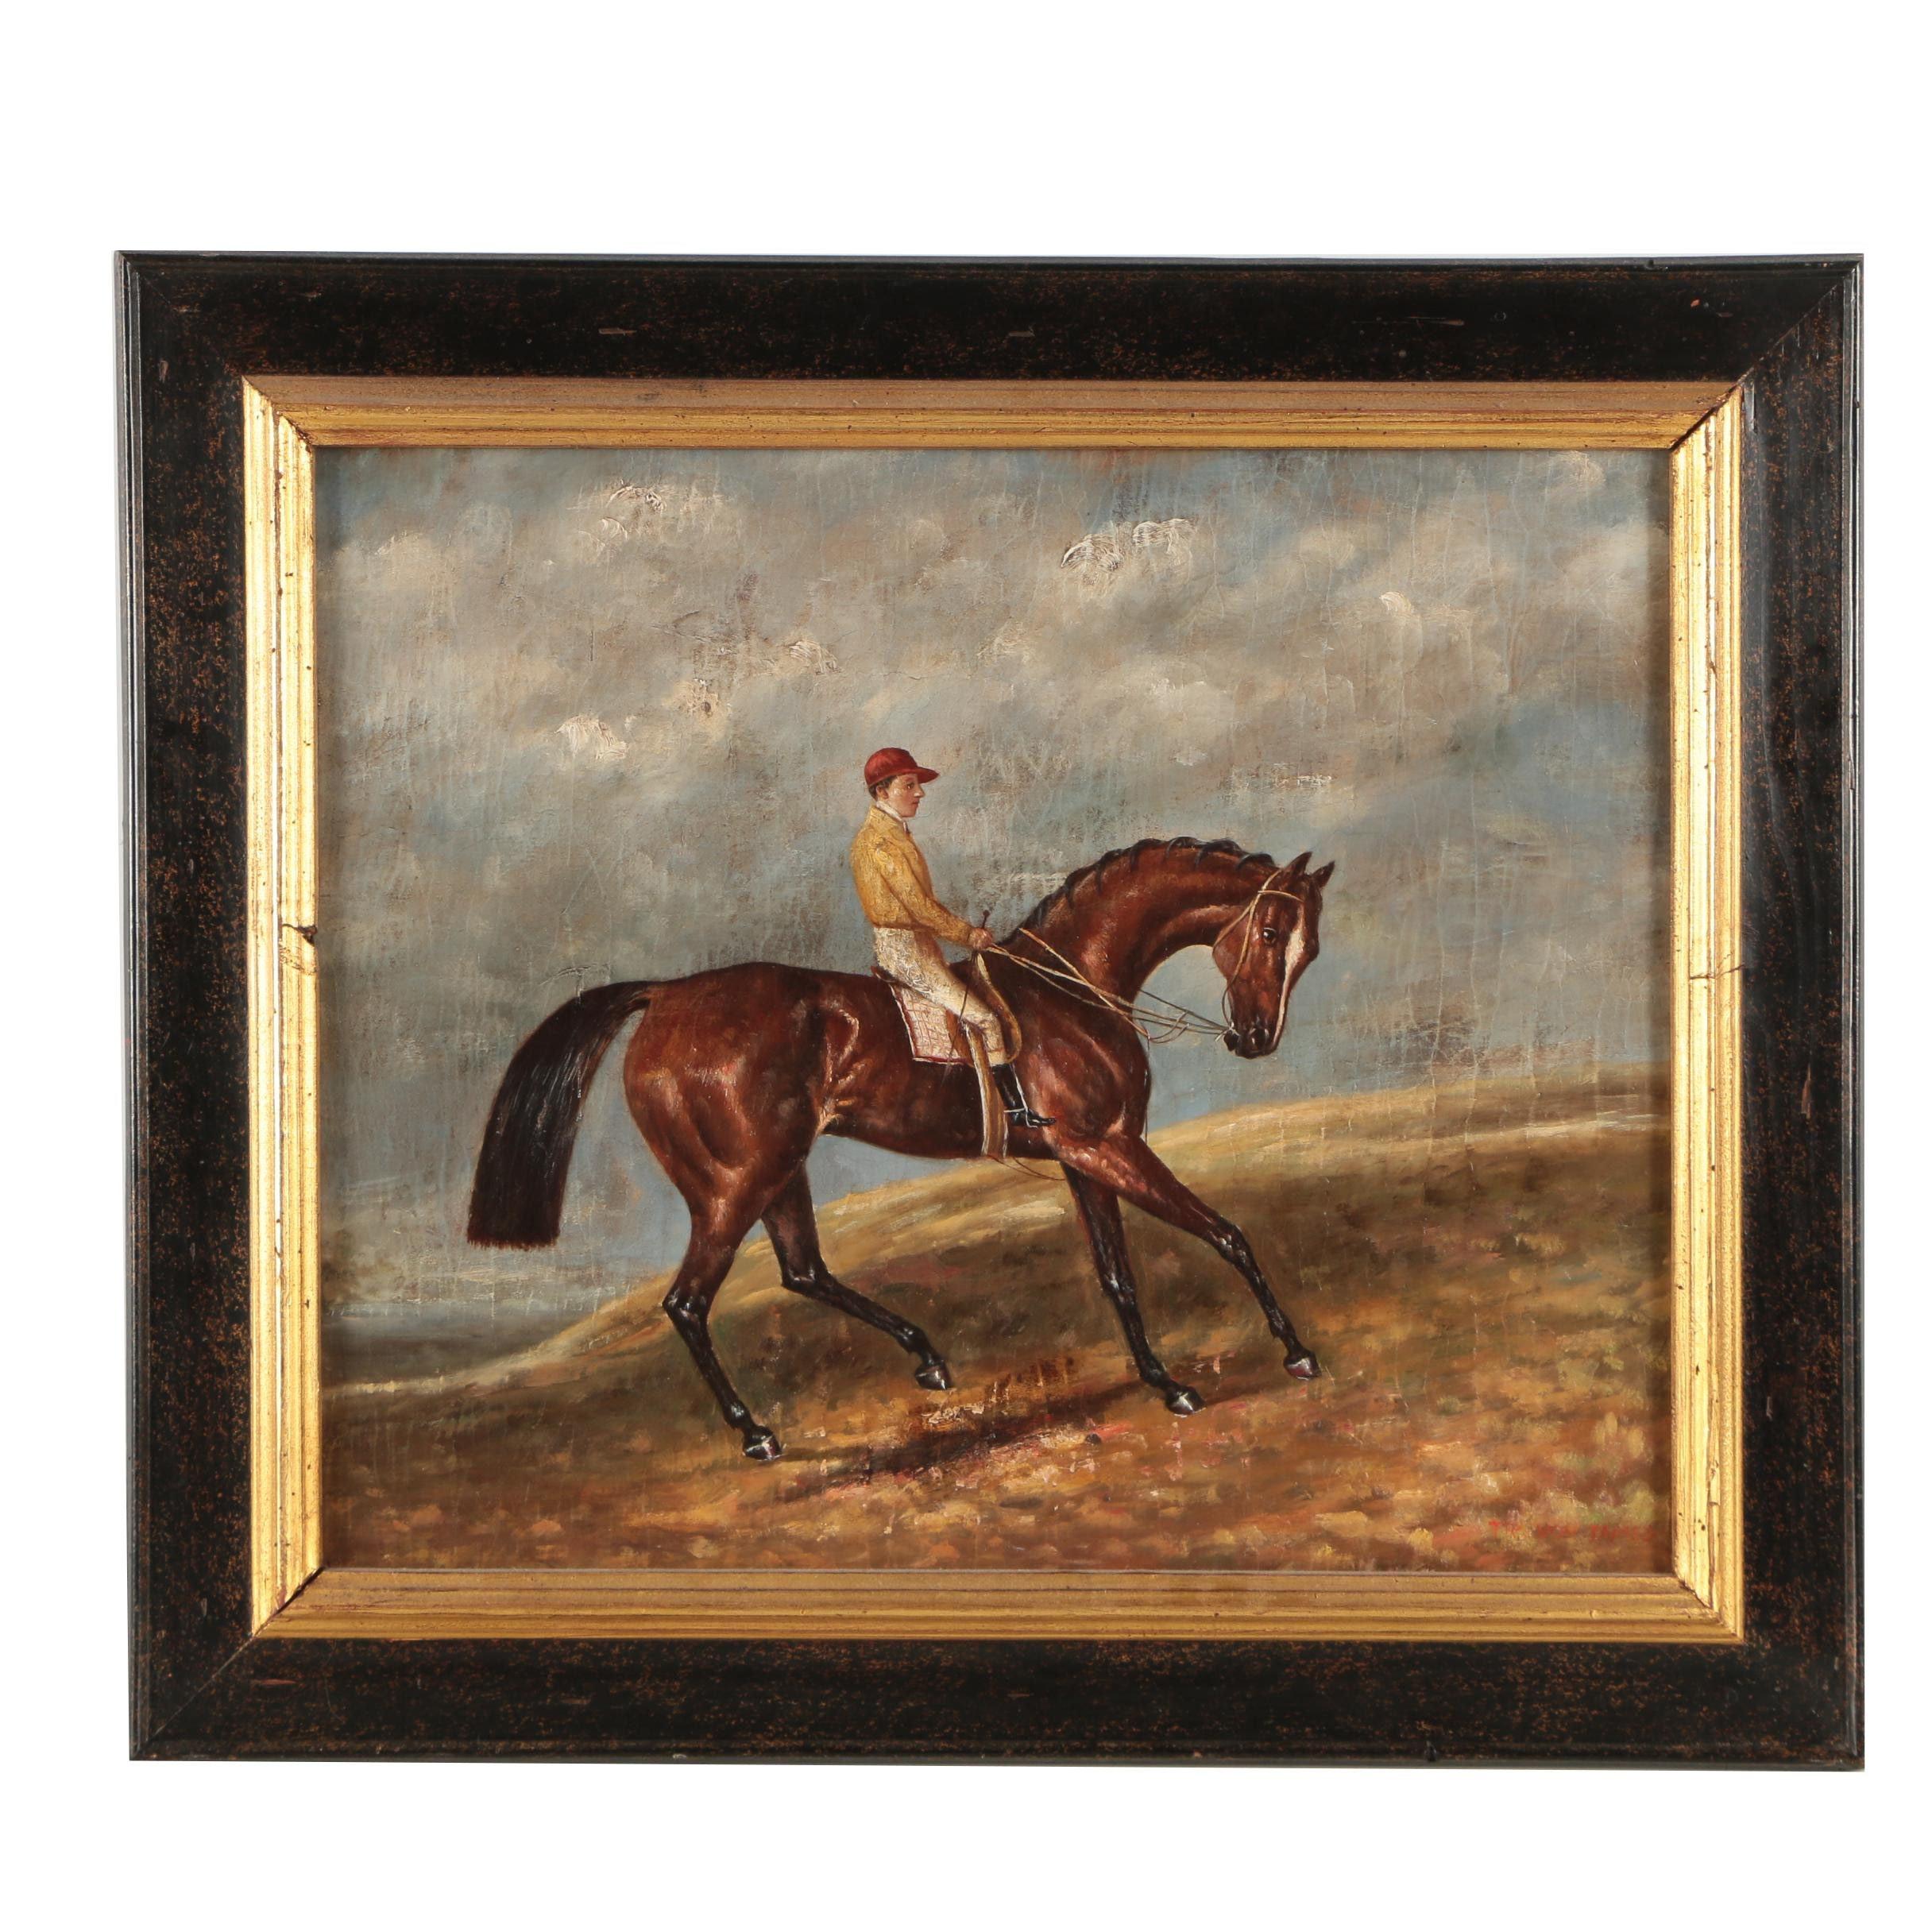 Trevor James Oil Painting